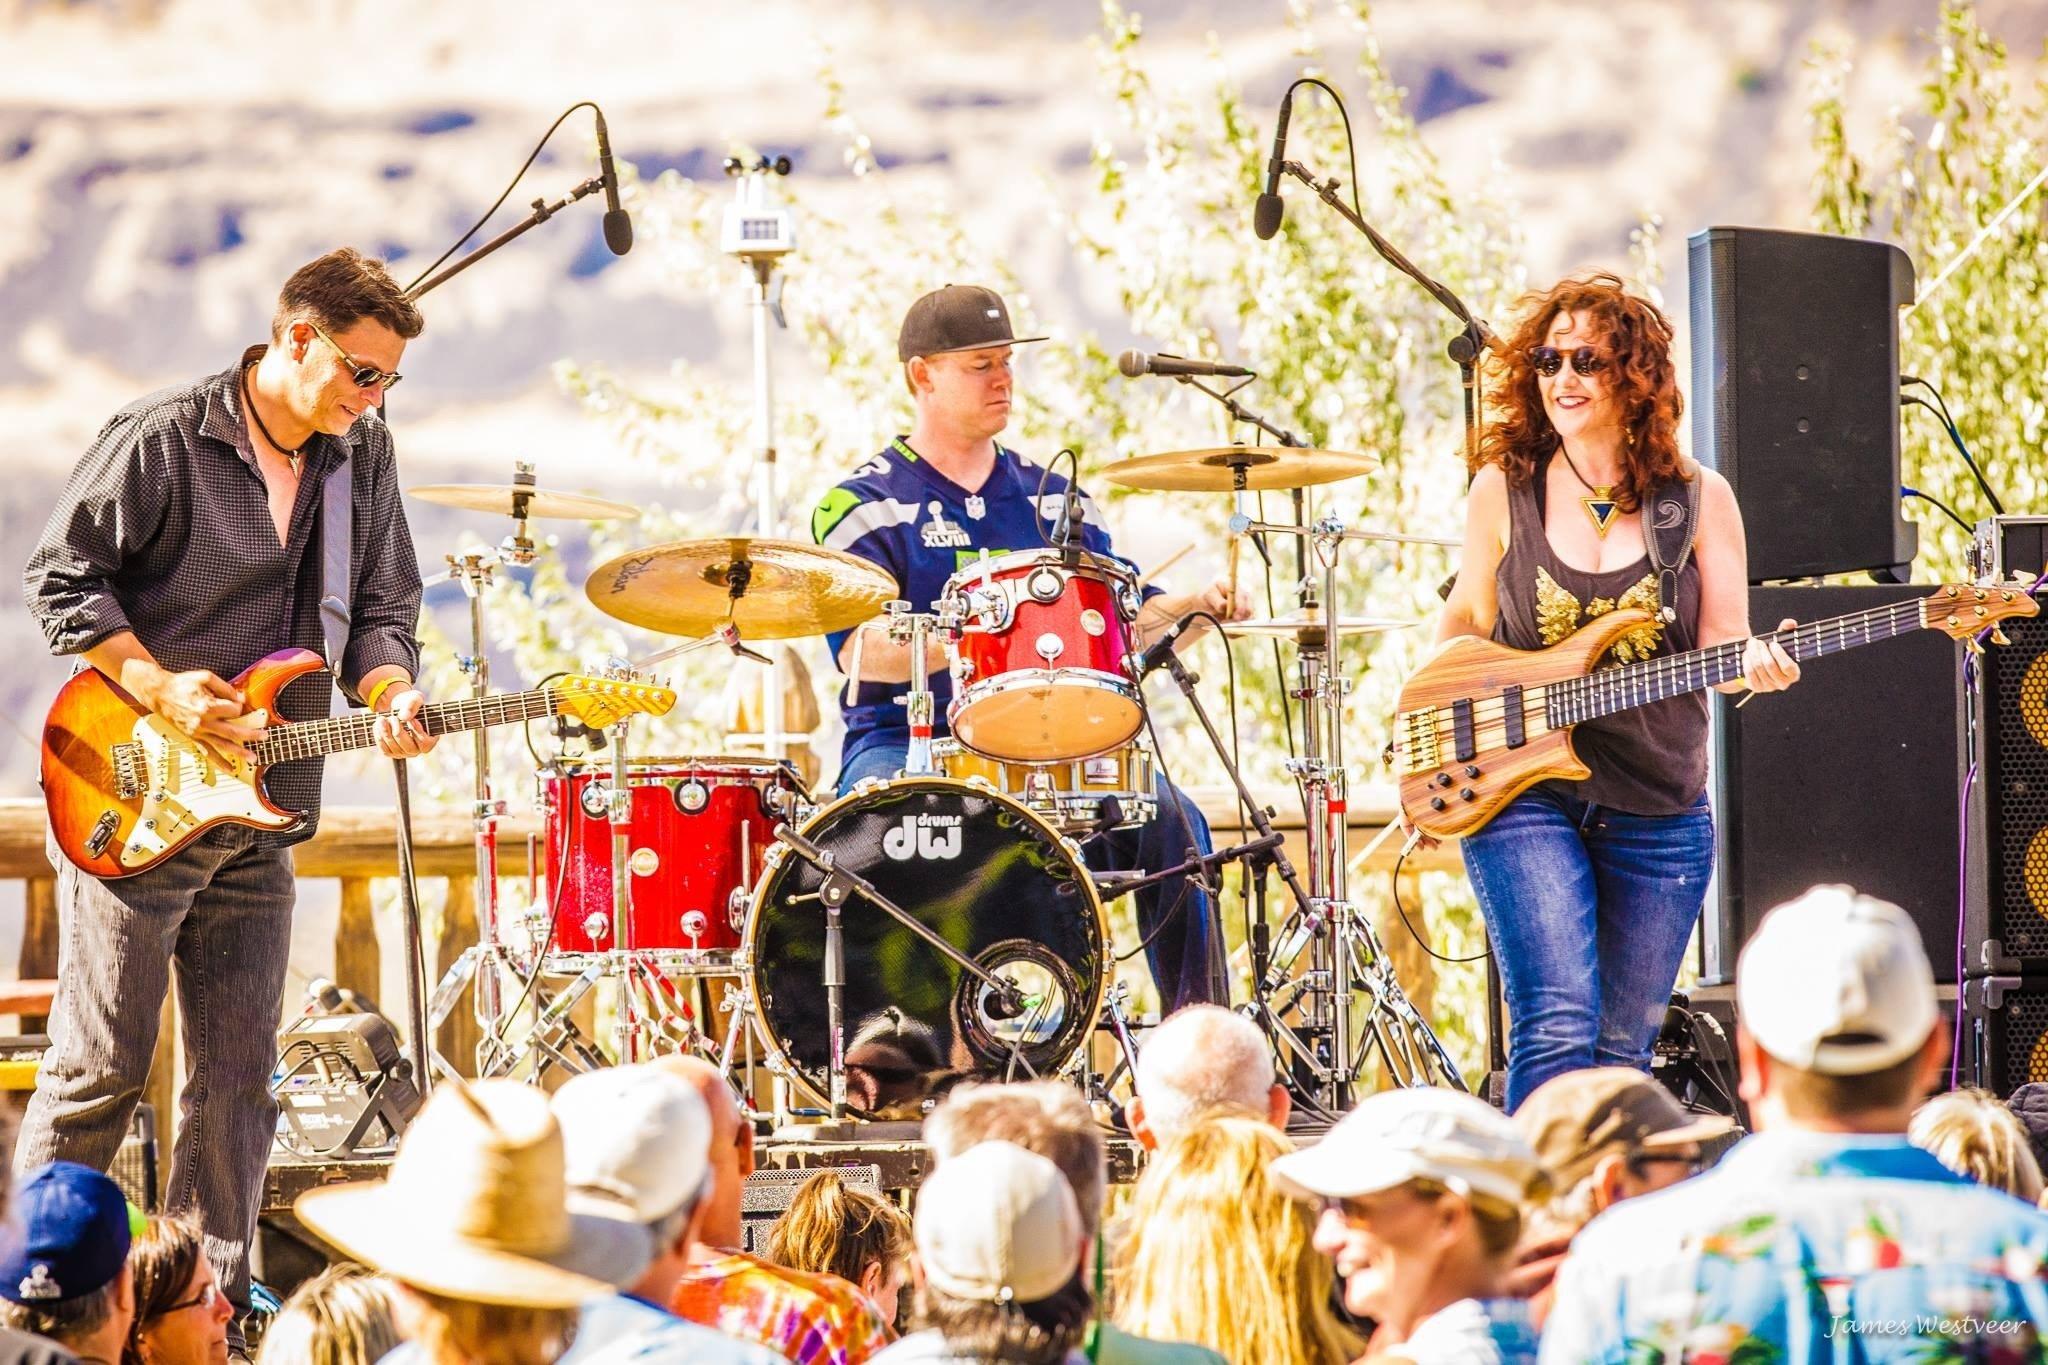 Sunbanks Music Festival fall 2016